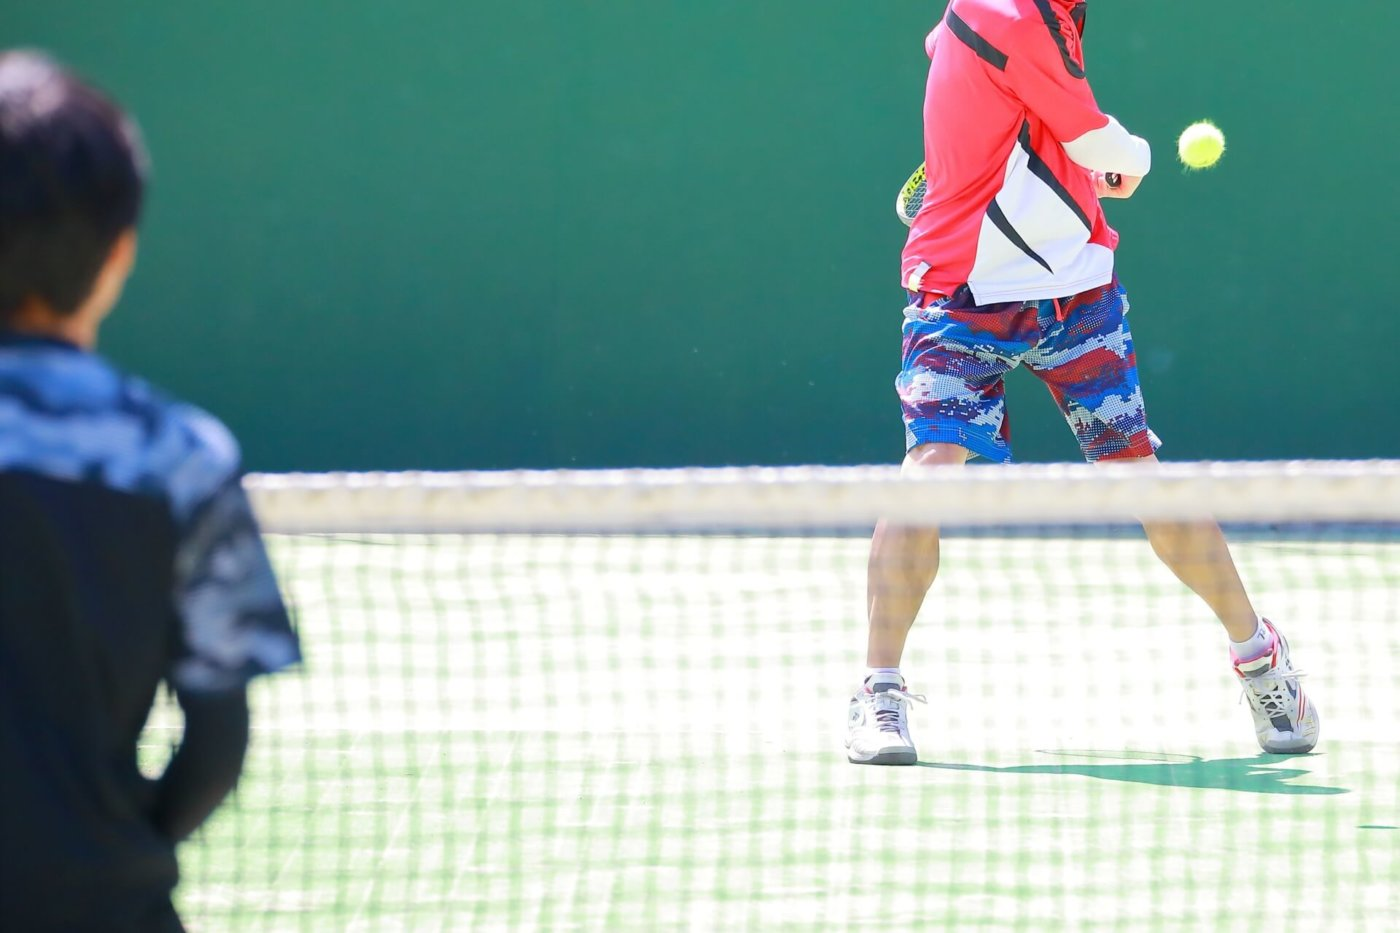 全米オープンテニスの覇者たちを振り返る!